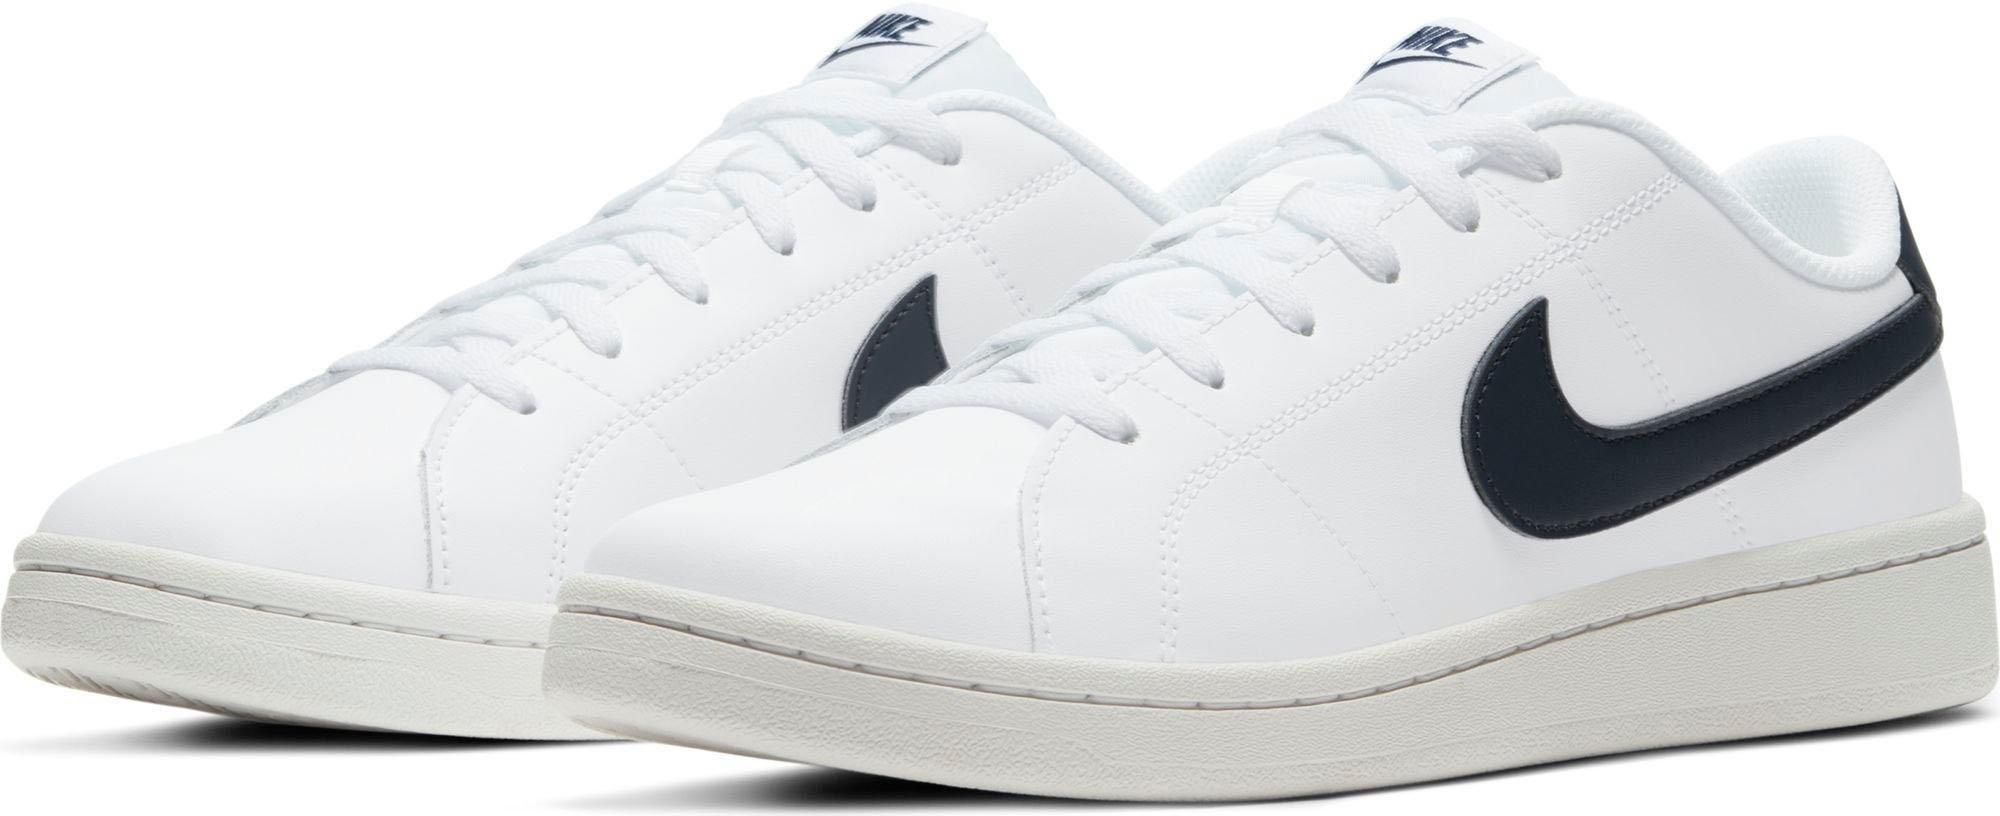 Nike Sportswear Nike sneakers »COURT ROYALE 2 LOW« nu online bestellen